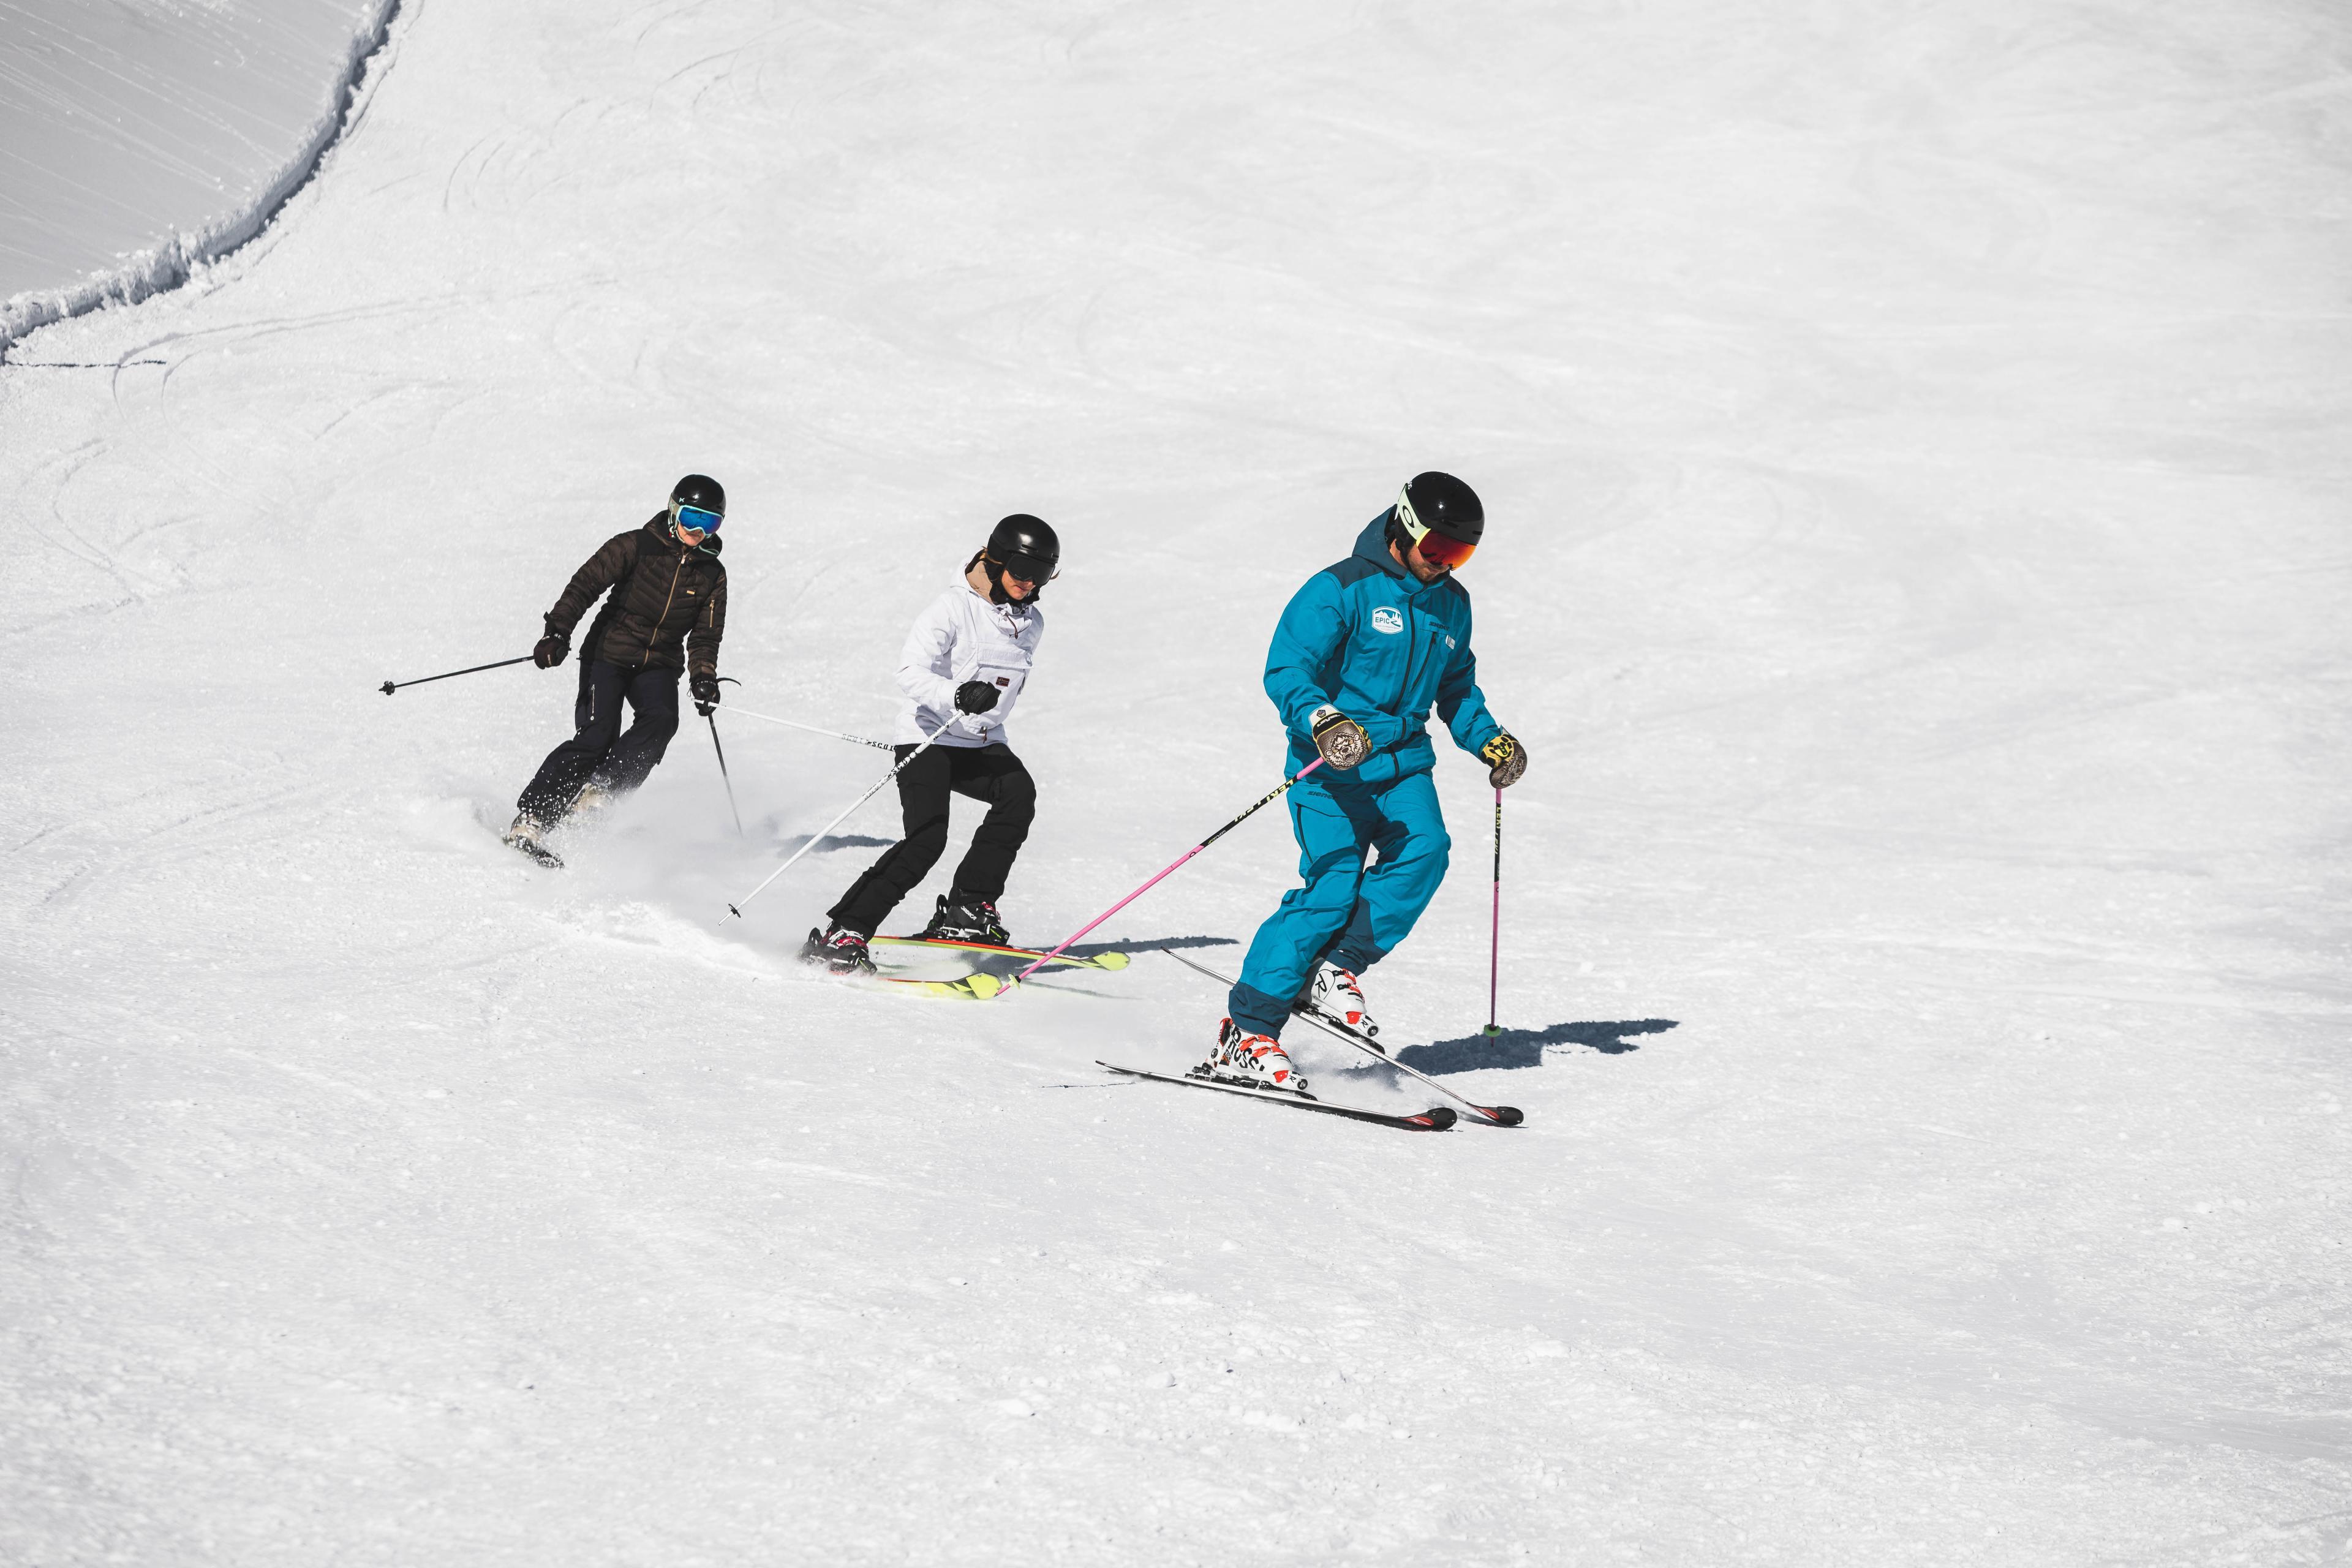 Cours de ski Adultes dès 18 ans - Intermédiaire